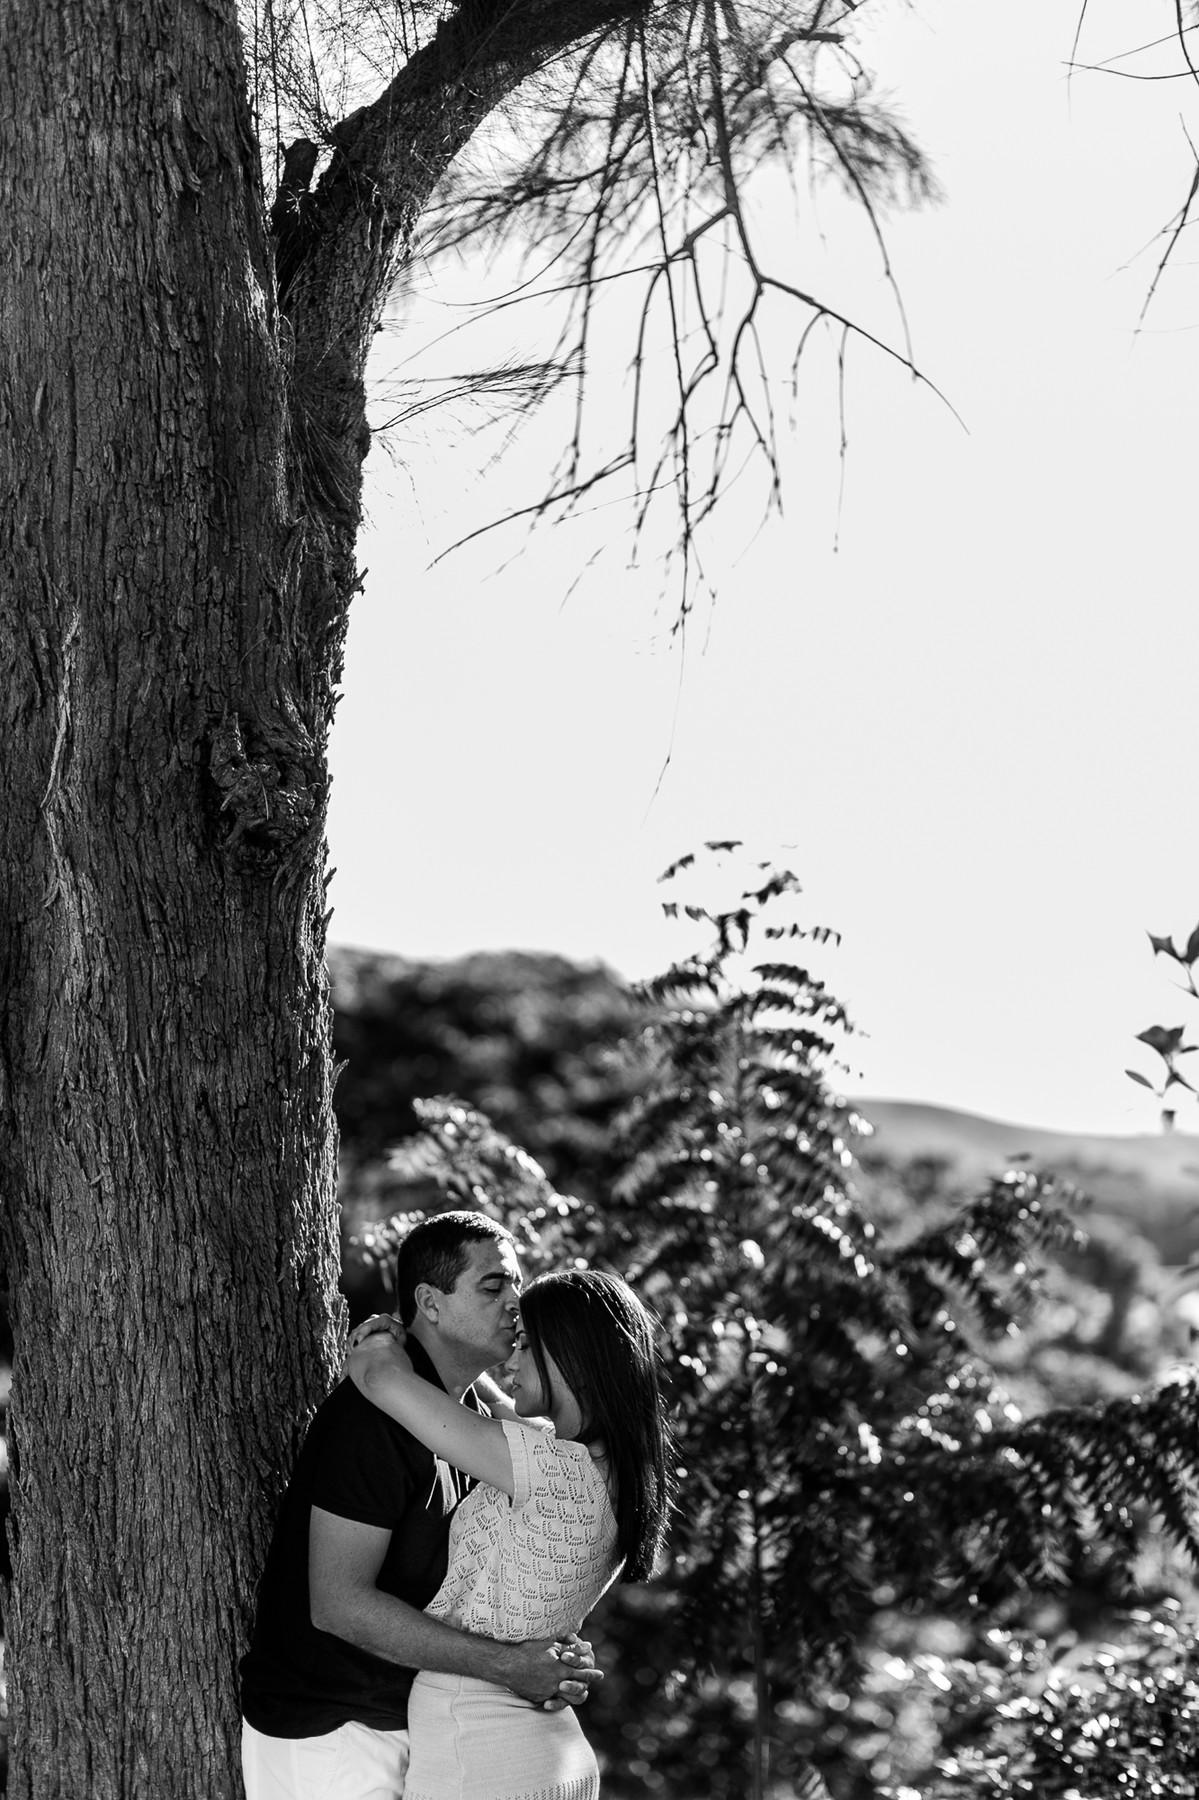 fotografia casamento, Josie Nader , fotografia de casamento GV , fotógrafa casamento GV , casamento Governador Valadares, pre casa,emto, ensaio namoro, vestido de noiva